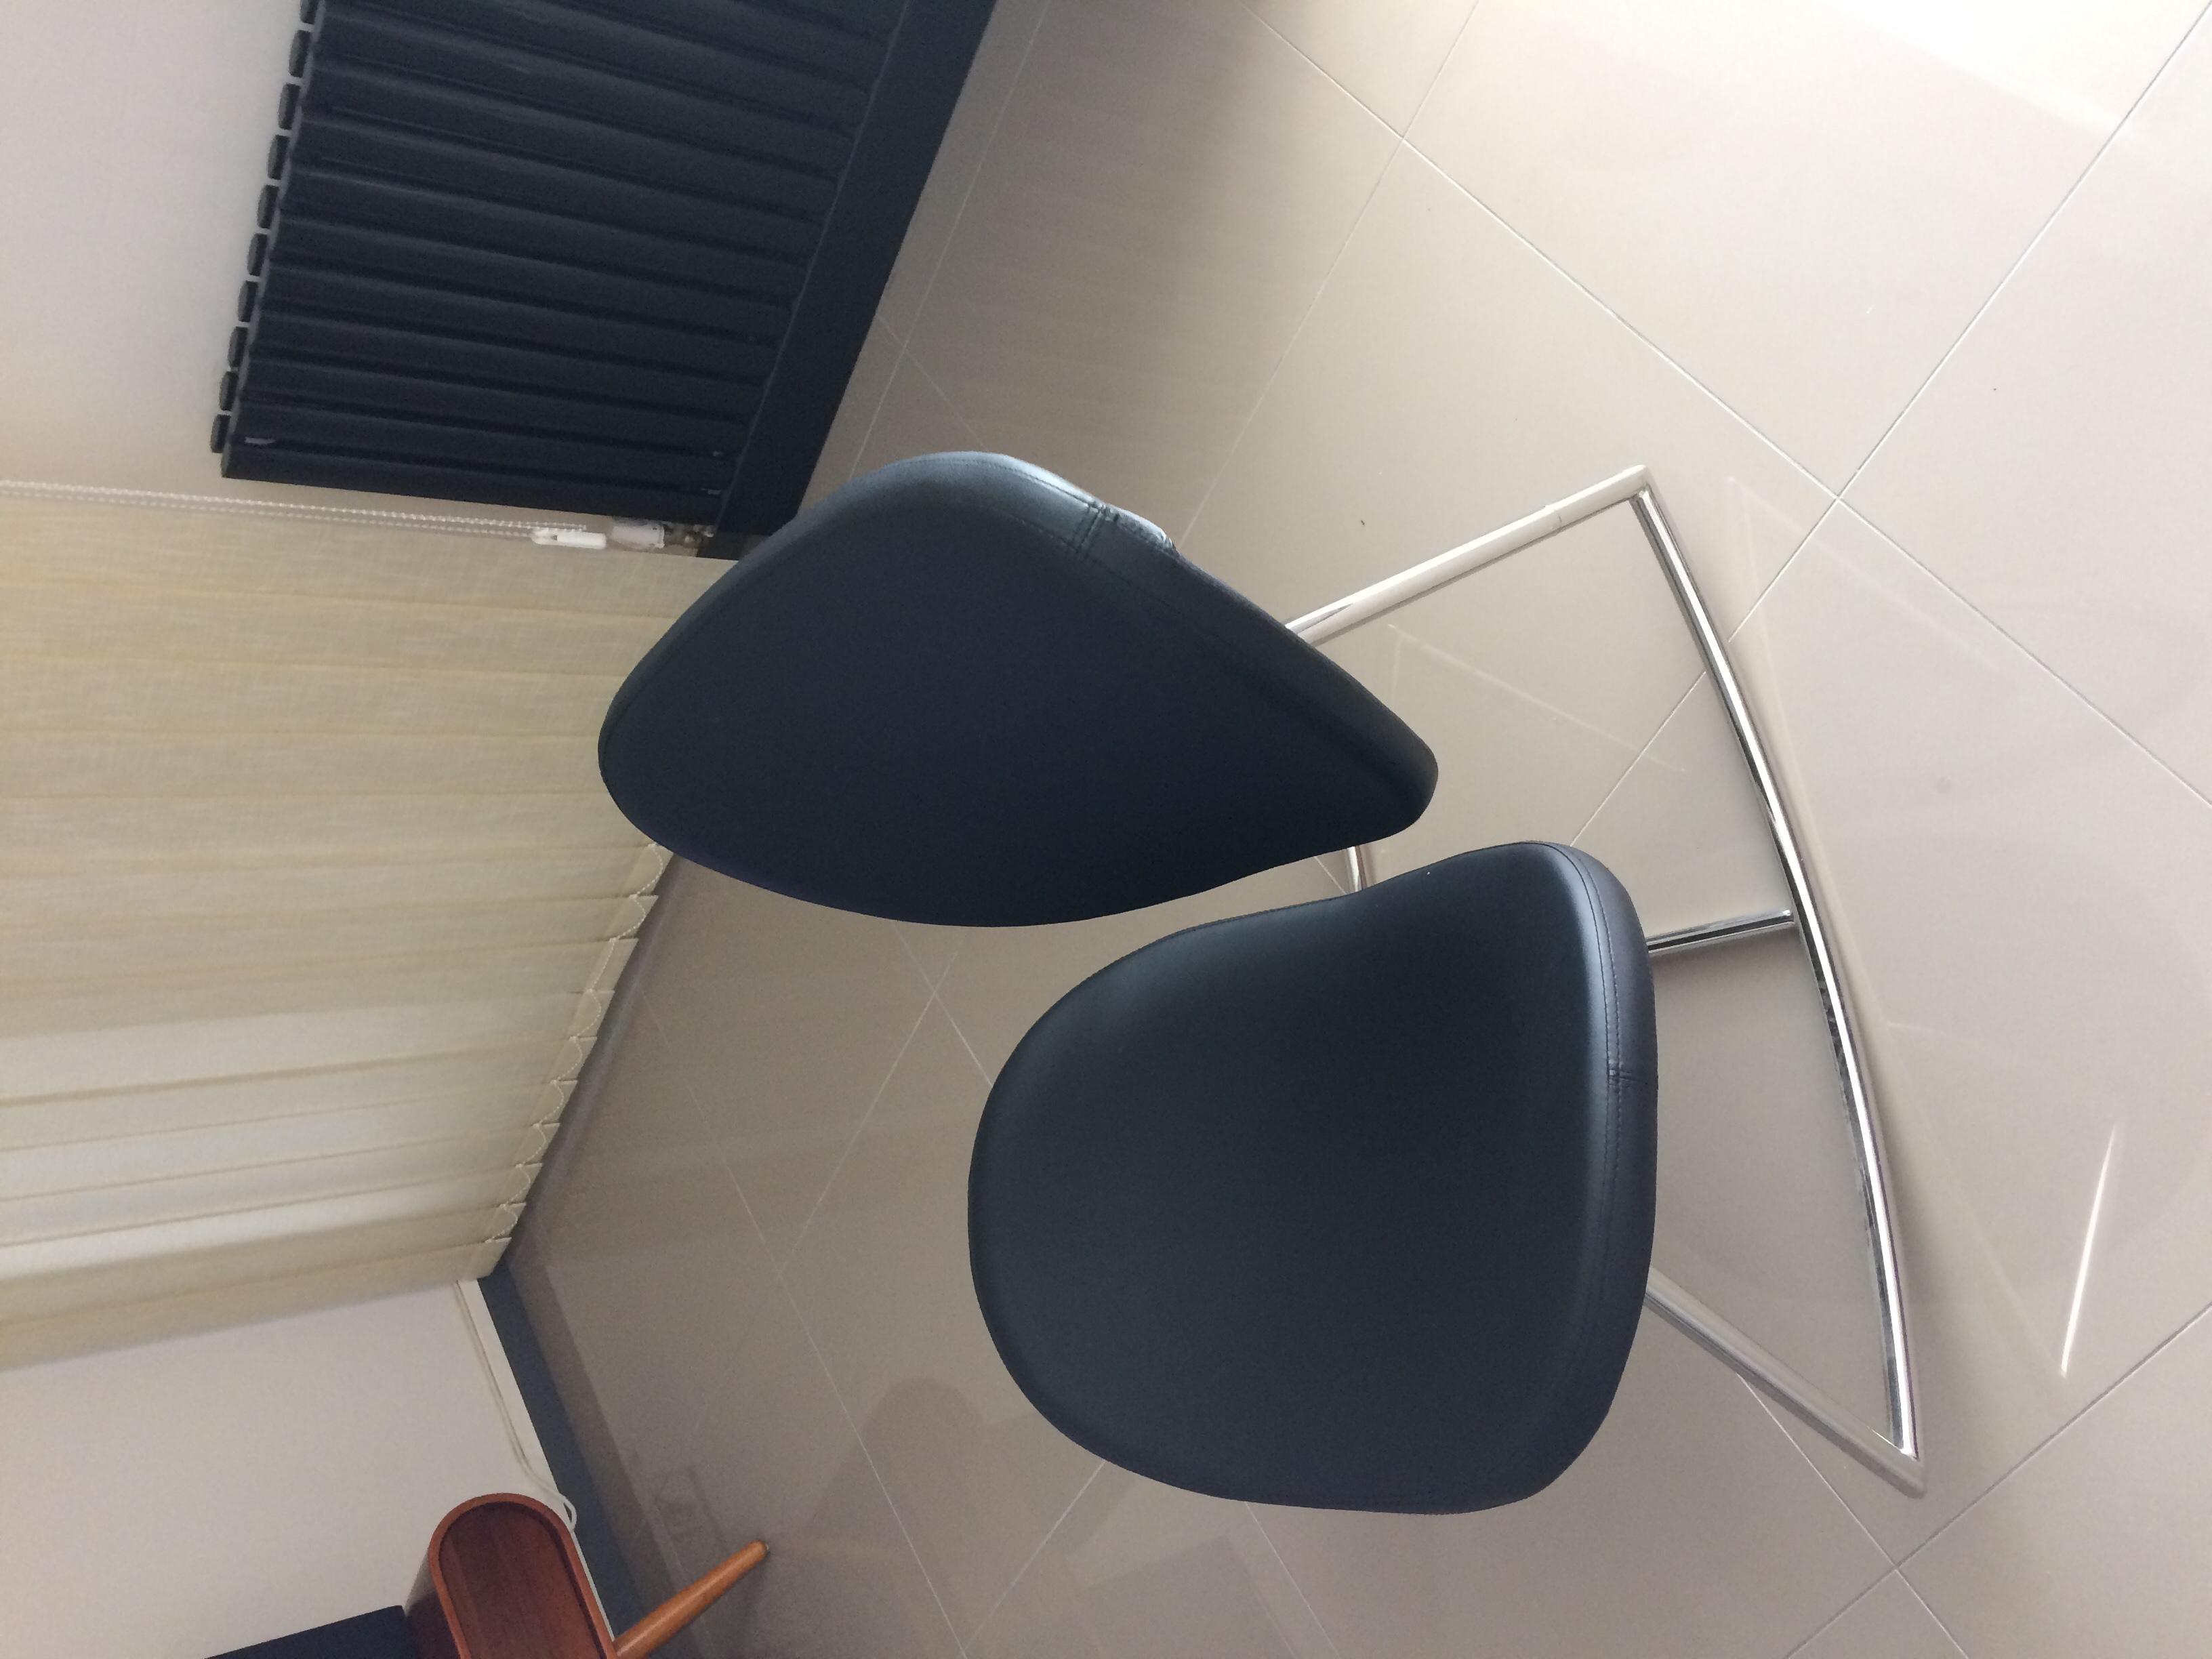 Achetez chaise a bascule occasion annonce vente grenoble 38 wb156358748 - Chaise a bascule a vendre ...